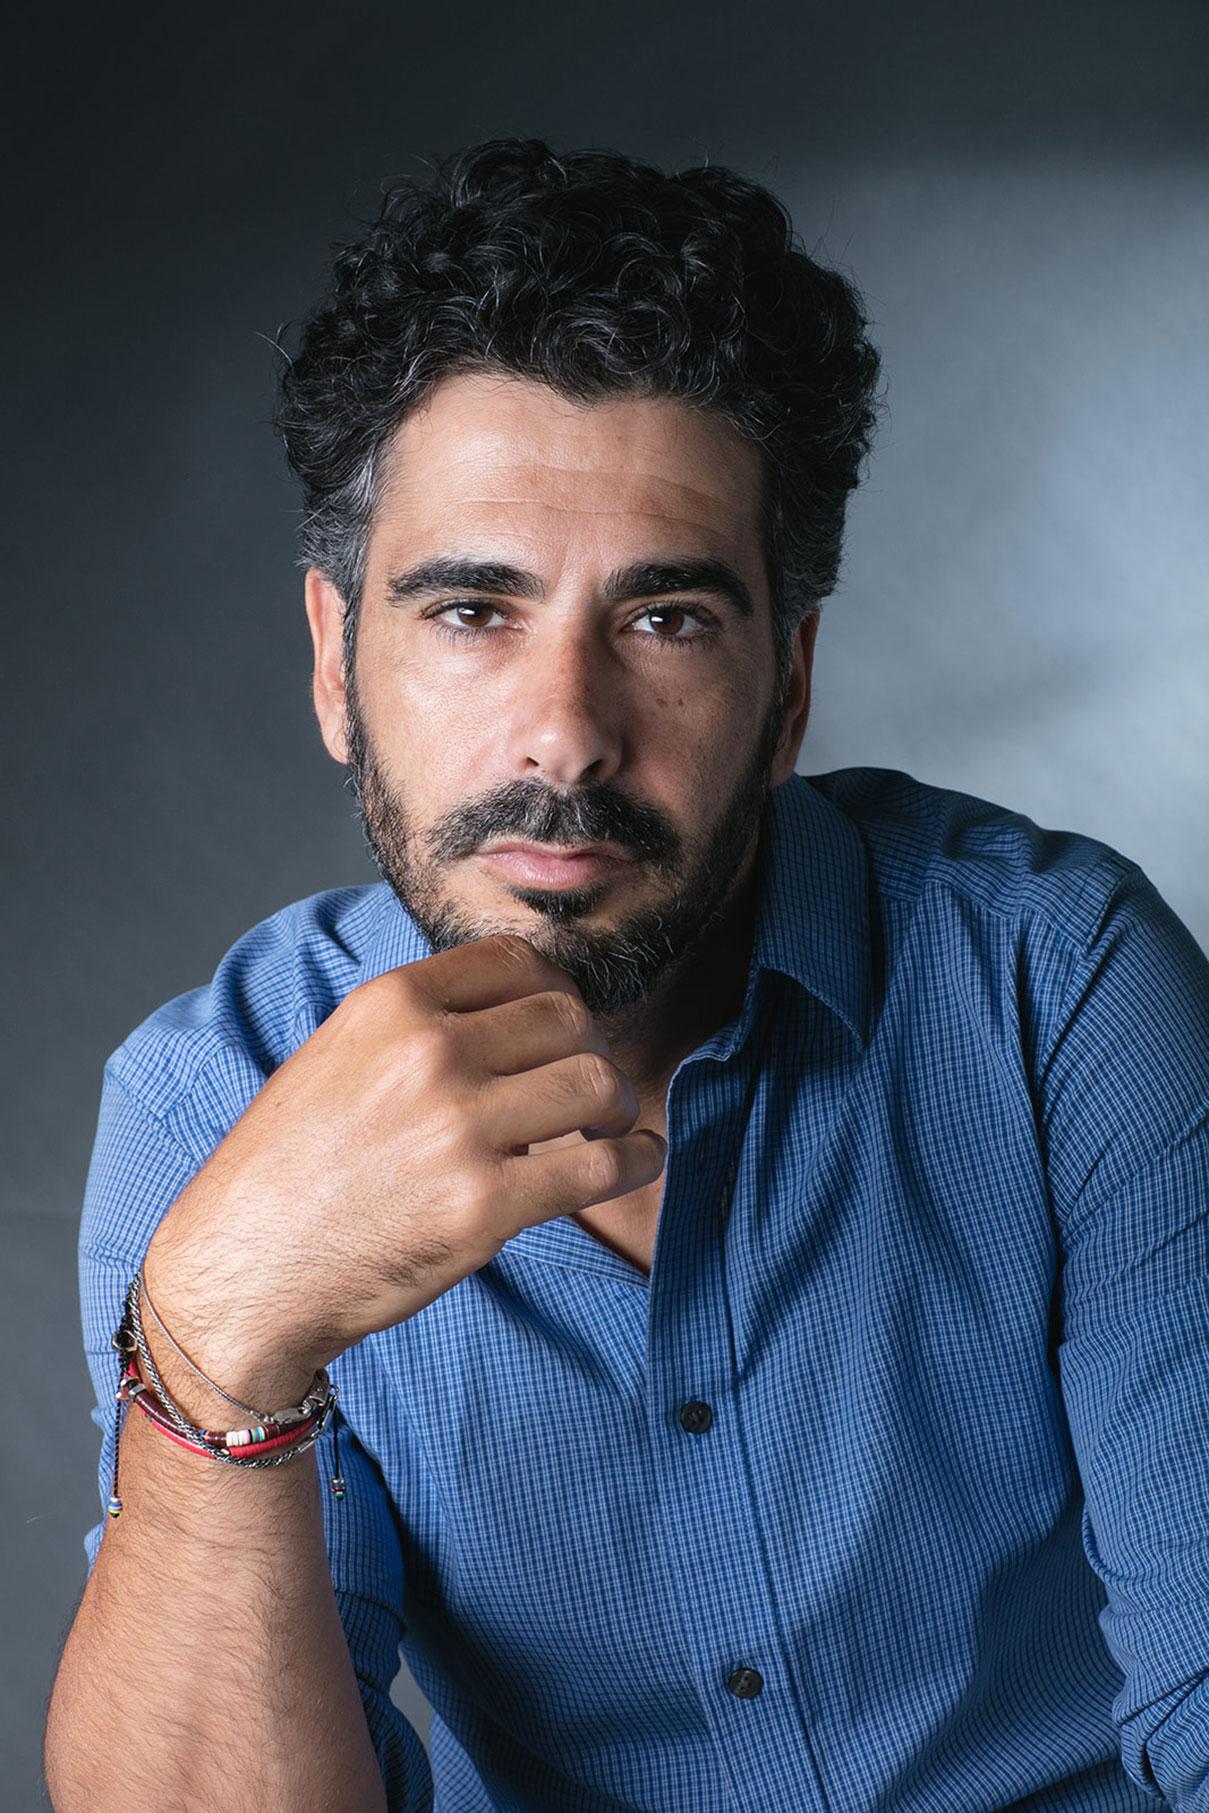 דויד סקורי צילום פורטרט מקצועי עבור שחקן - גילי דסיאנו